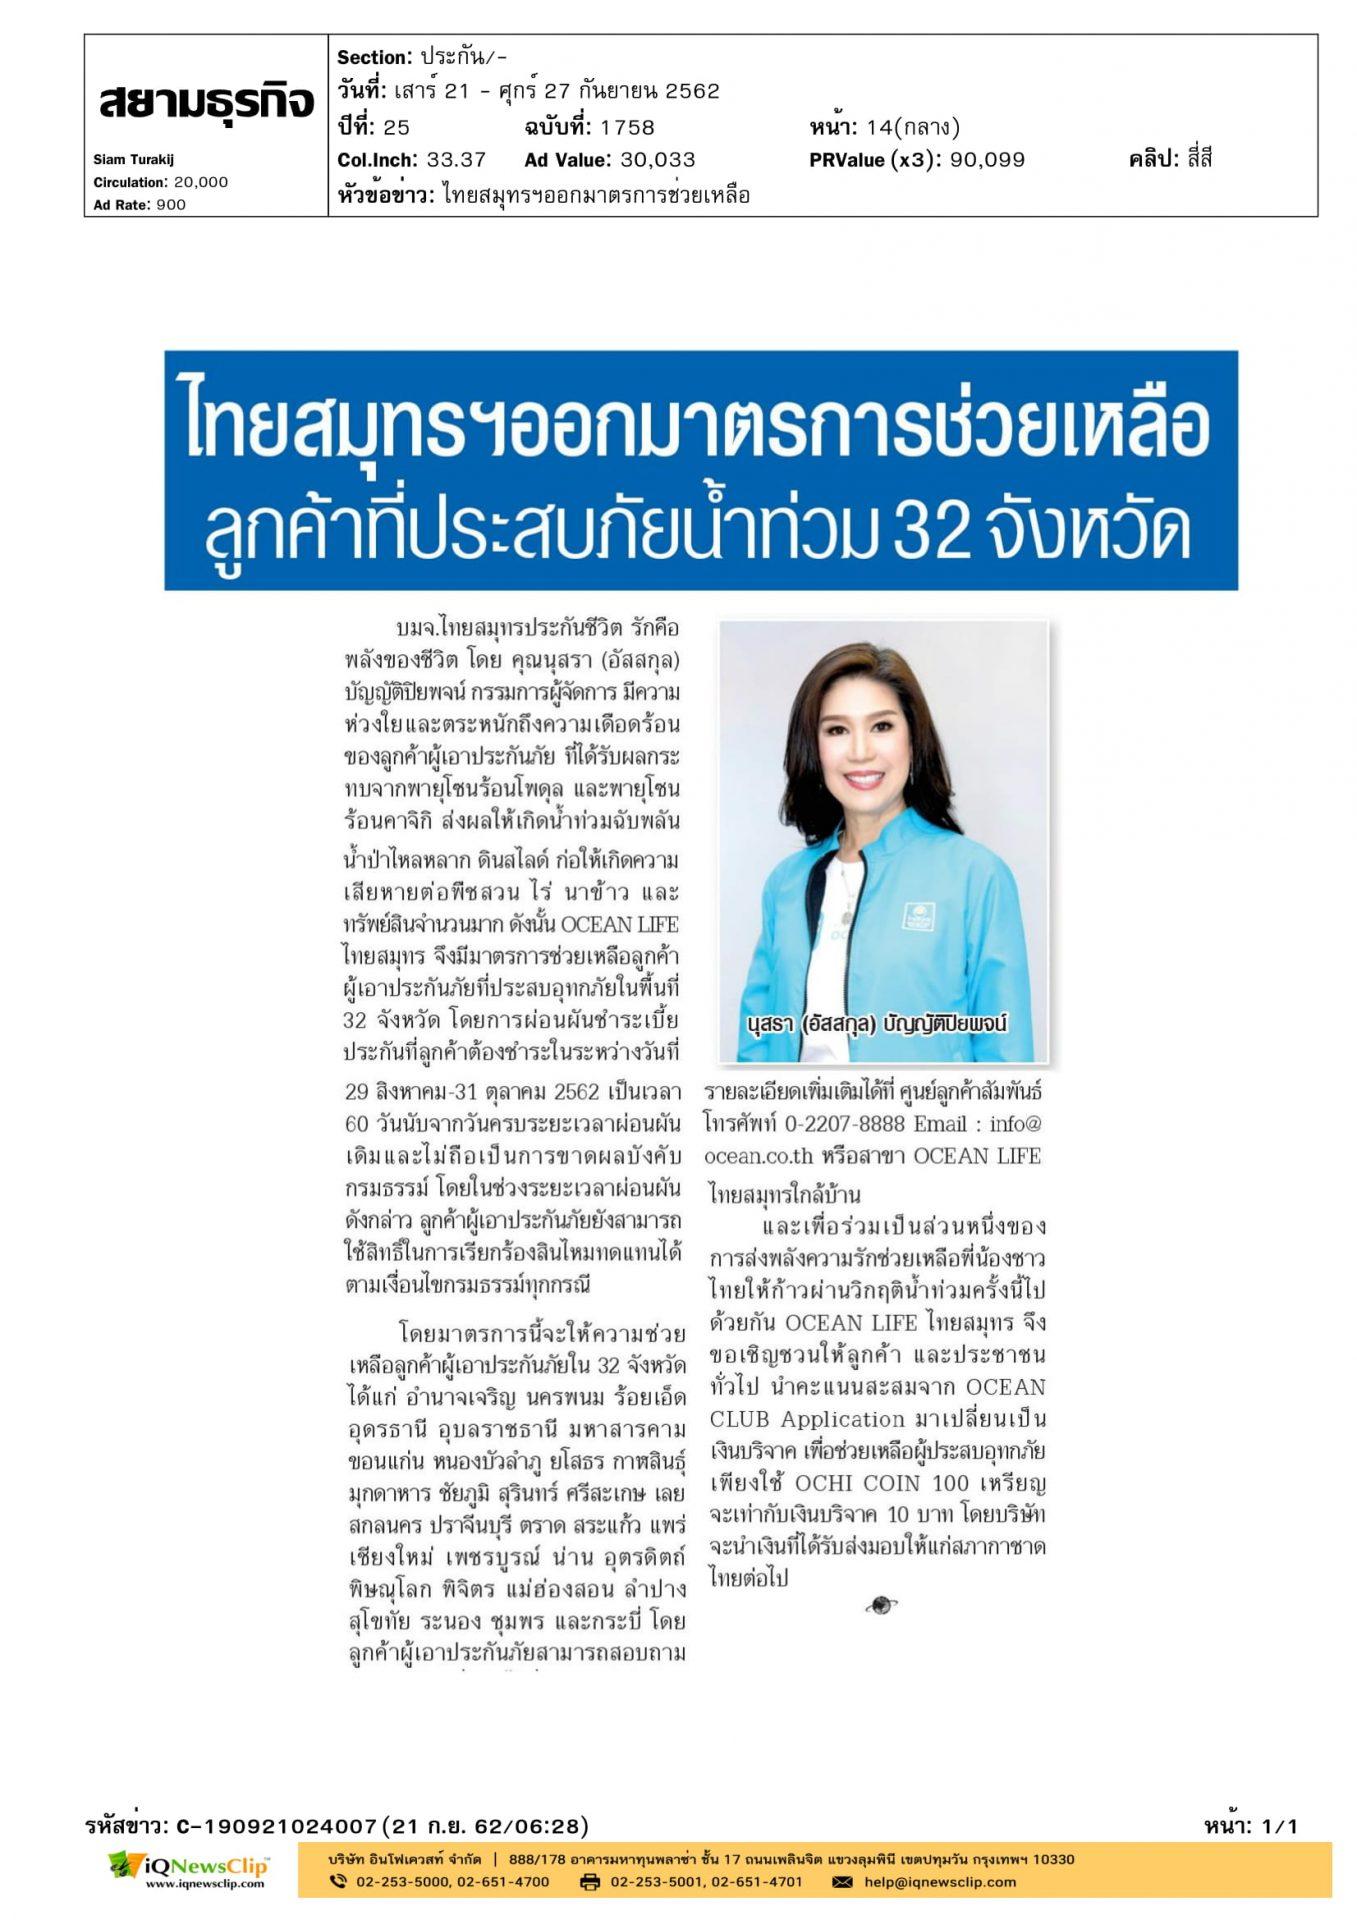 บริษัท ไทยสมุทรประกันชีวิต จำกัด ชวนประชานร่วมบริจาคเงินช่วยเหลือ ผู้ประสบอุทกภัยเพื่อมอบให้แก่สภากาชาดไทย